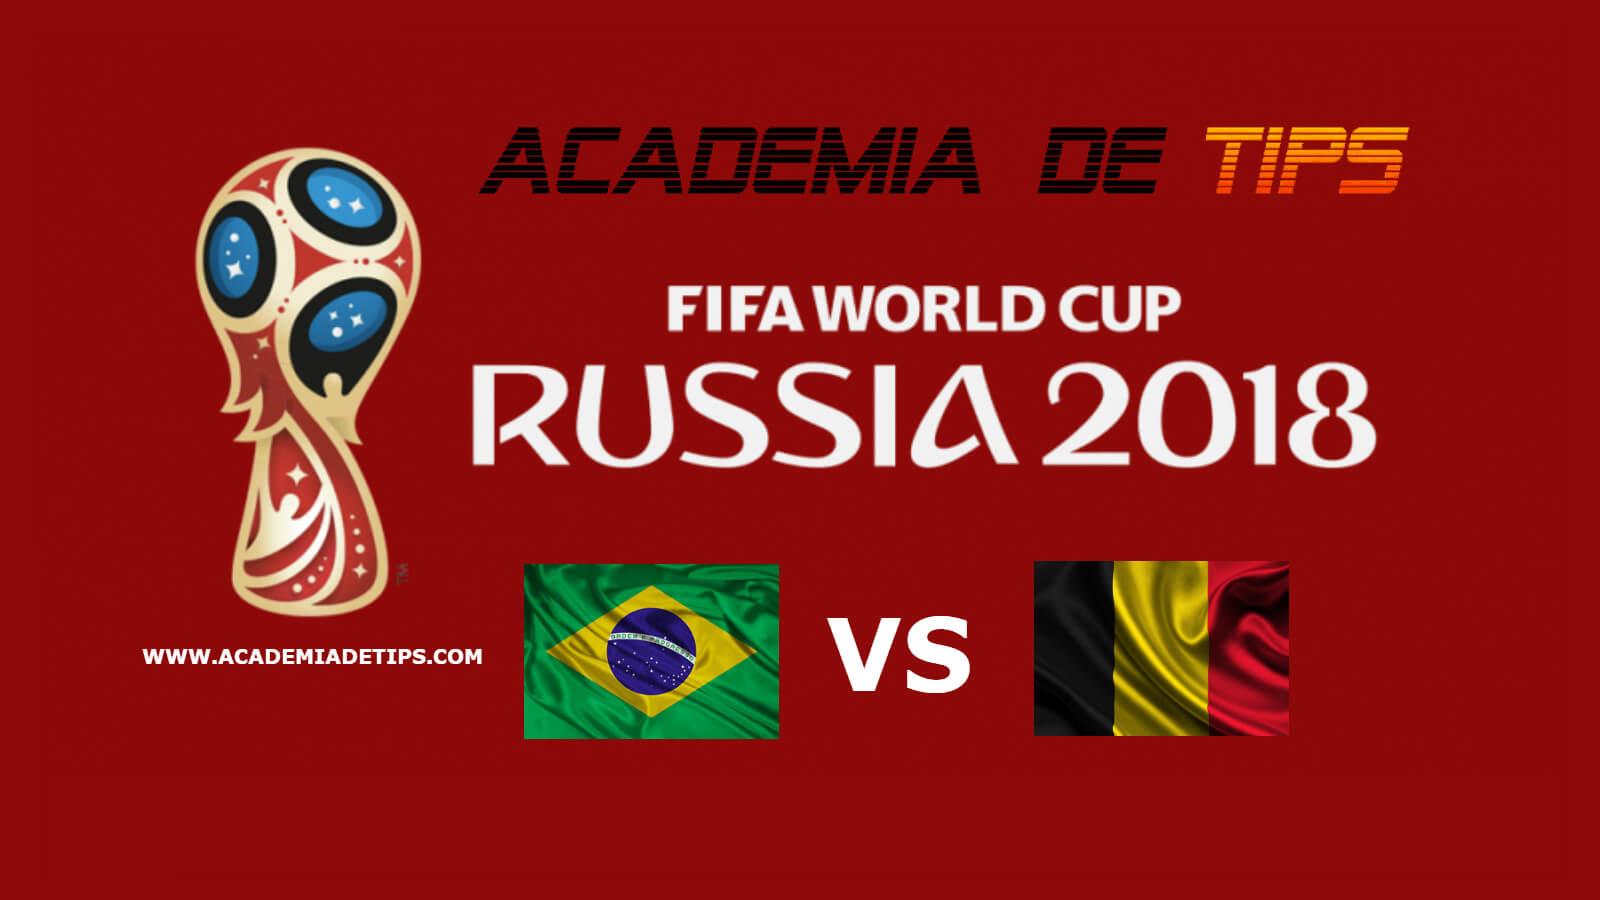 Prognóstico Brasil vs Bélgica - Mundial FIFA 2018 • O Brasil chegou a este mundial com duas marcas muito fortes que rotularam o escrete como candiadato